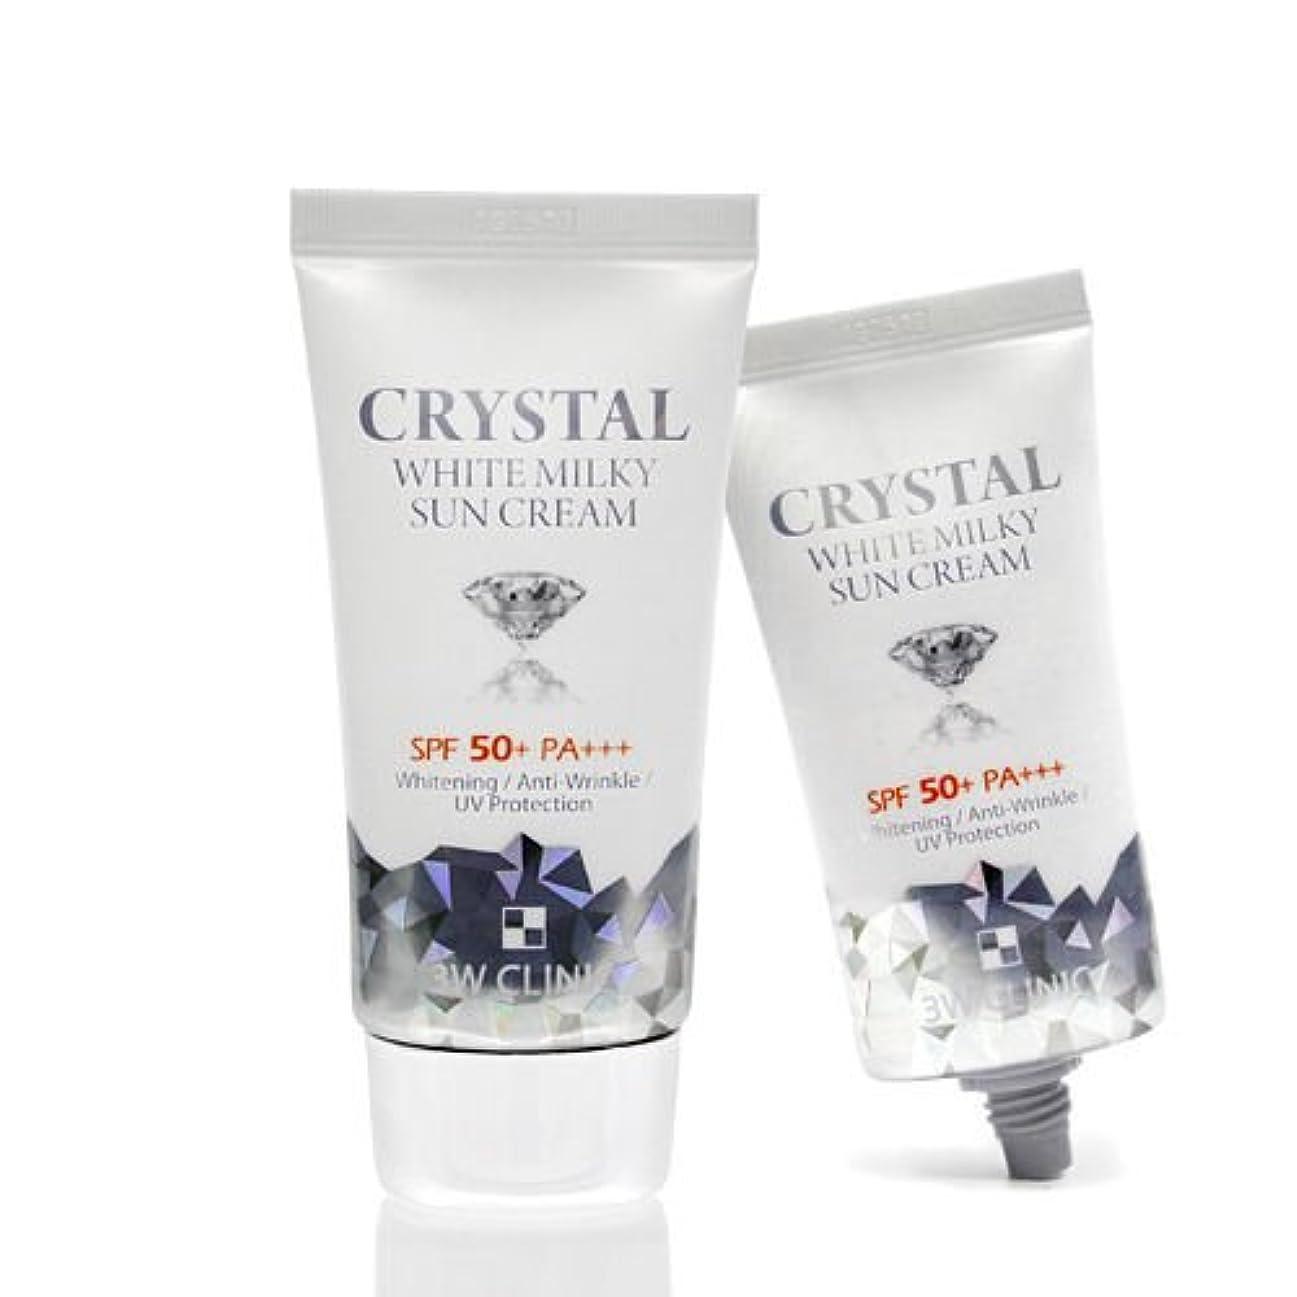 穴買収トラブル3Wクリニック[韓国コスメ3w Clinic]Crystal White Milky Sun Cream クリスタルホワイトミルキー 日焼け止めクリーム50ml[並行輸入品]